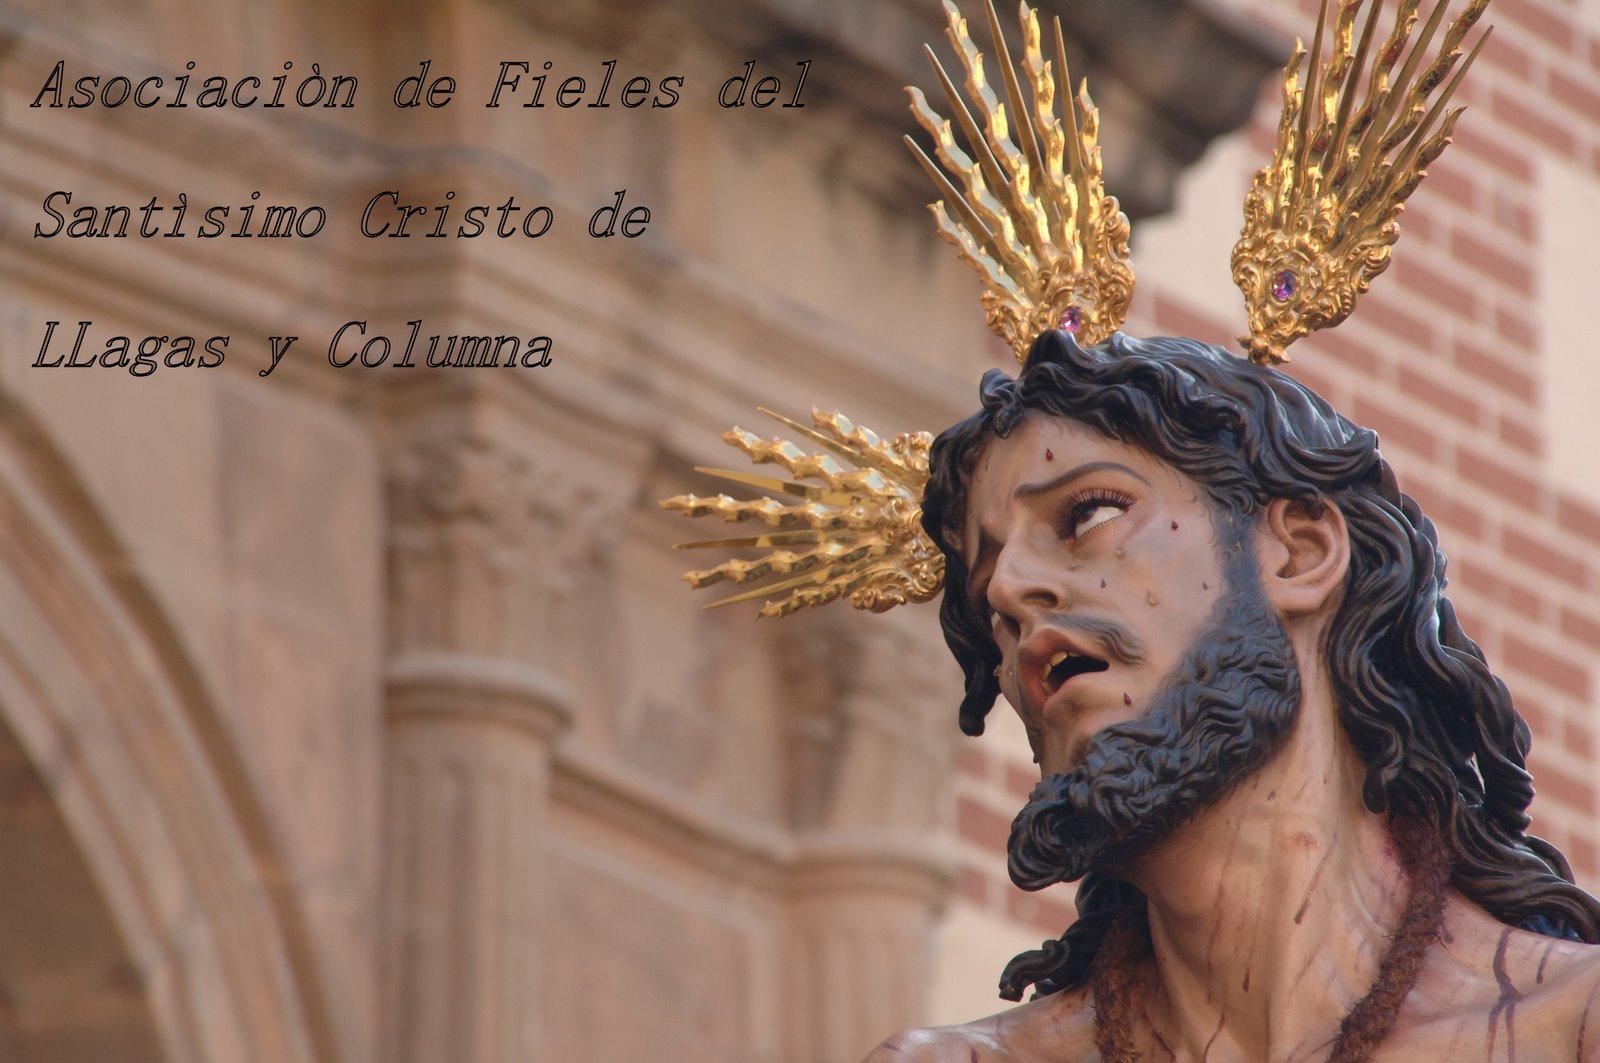 Asociaciòn de Fieles del Santisimo Cristo de LLagas y Columna